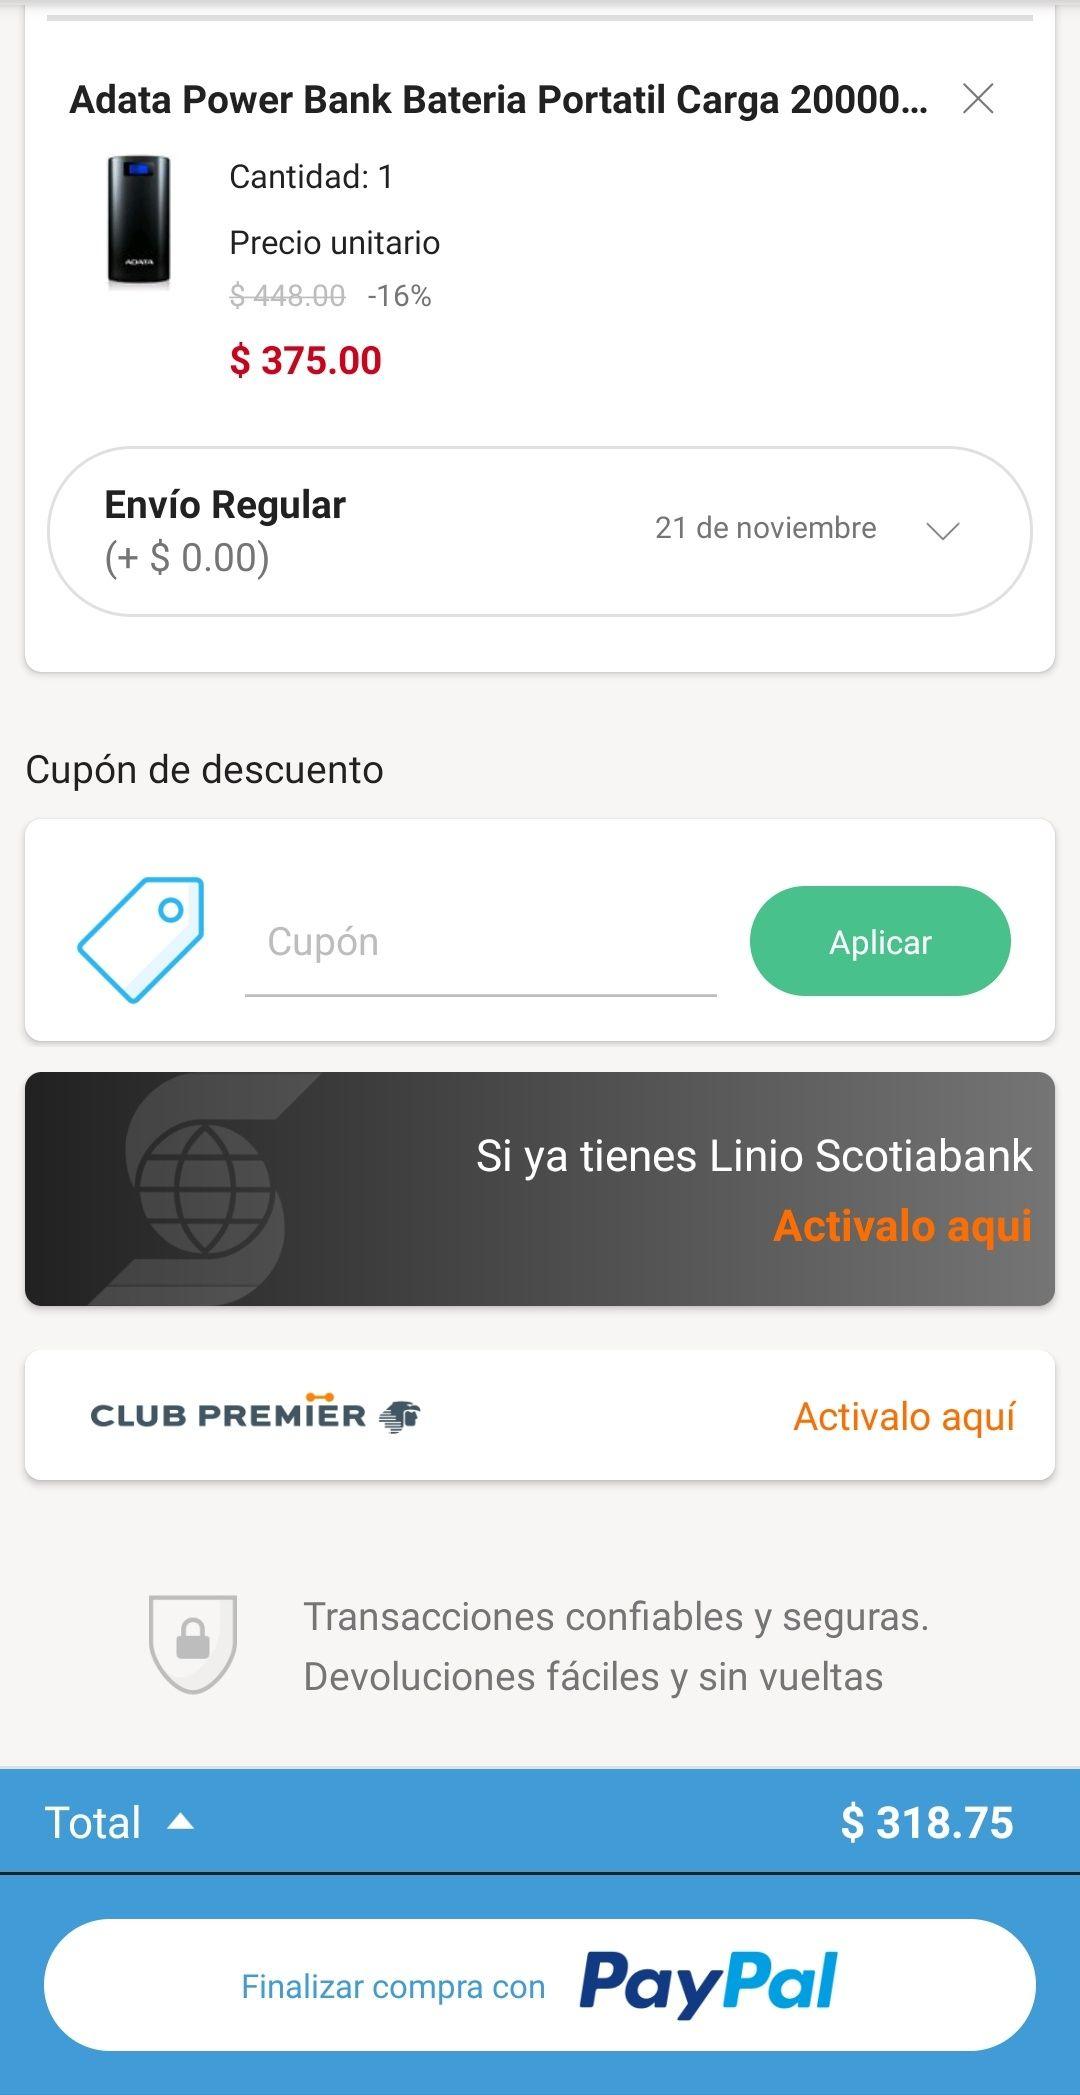 Linio: Power Bank Adata 20000 mAh + envío gratis pagando con Paypal